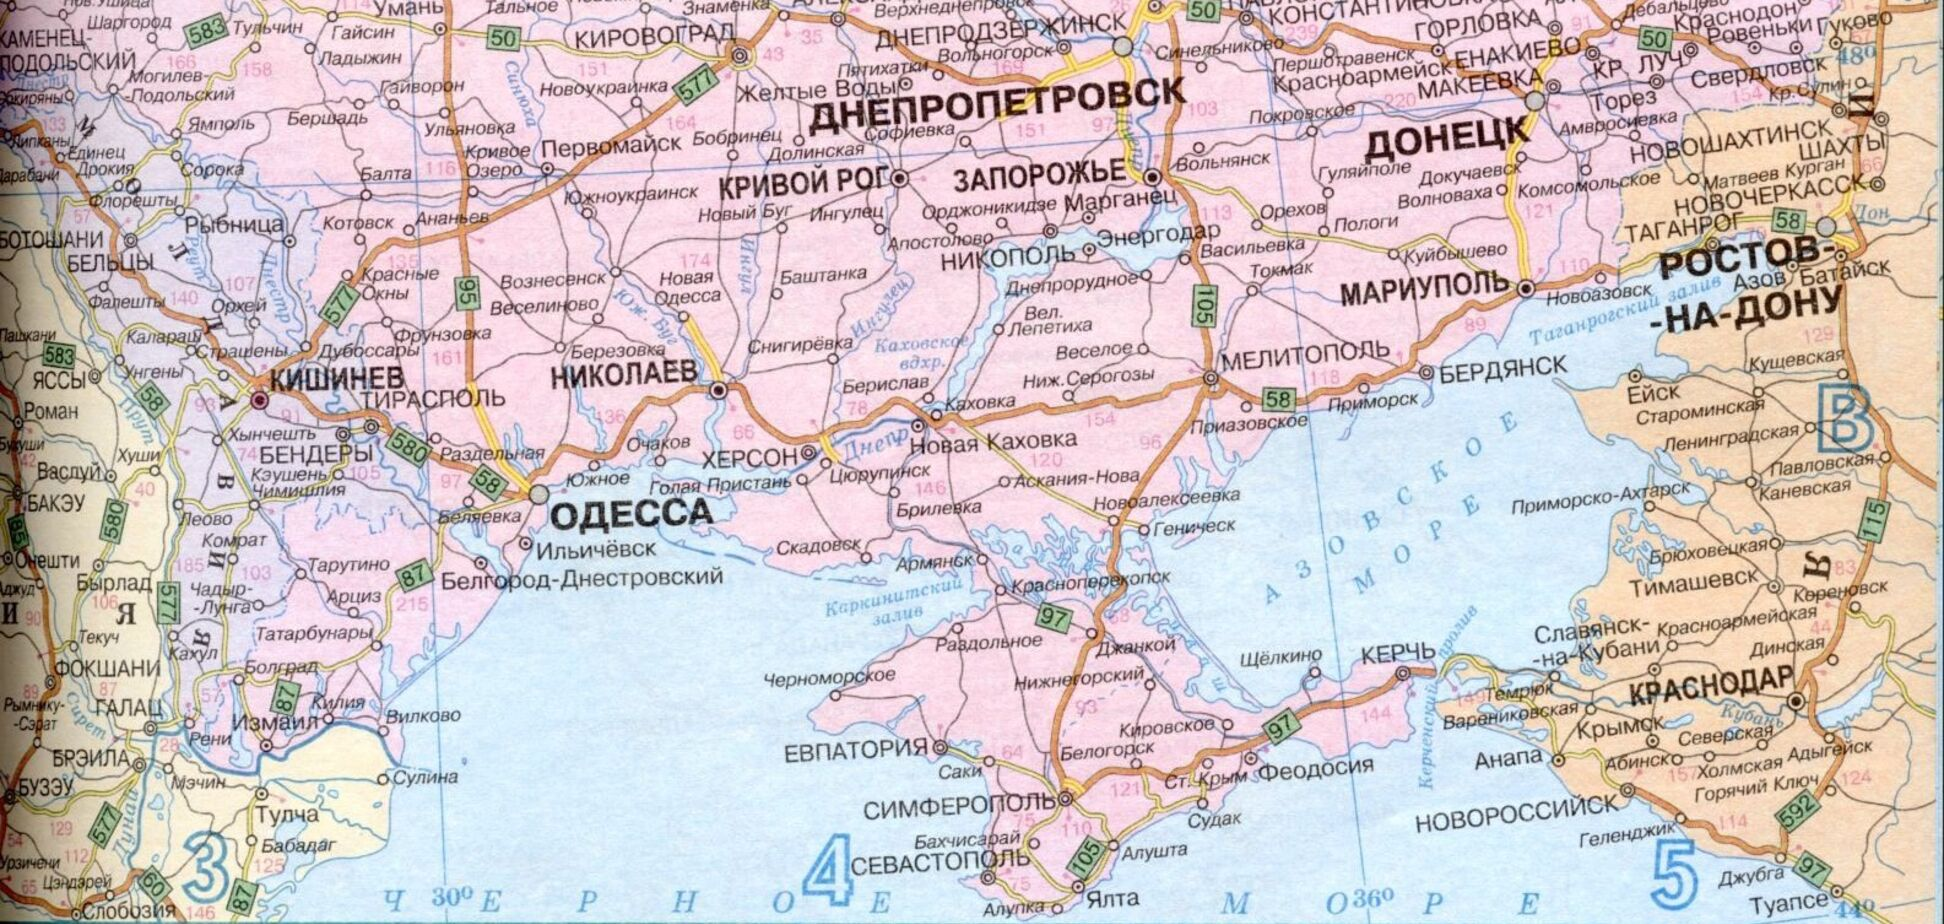 Україні 'повернули' Крим: скандал з картою в Австралії отримав продовження